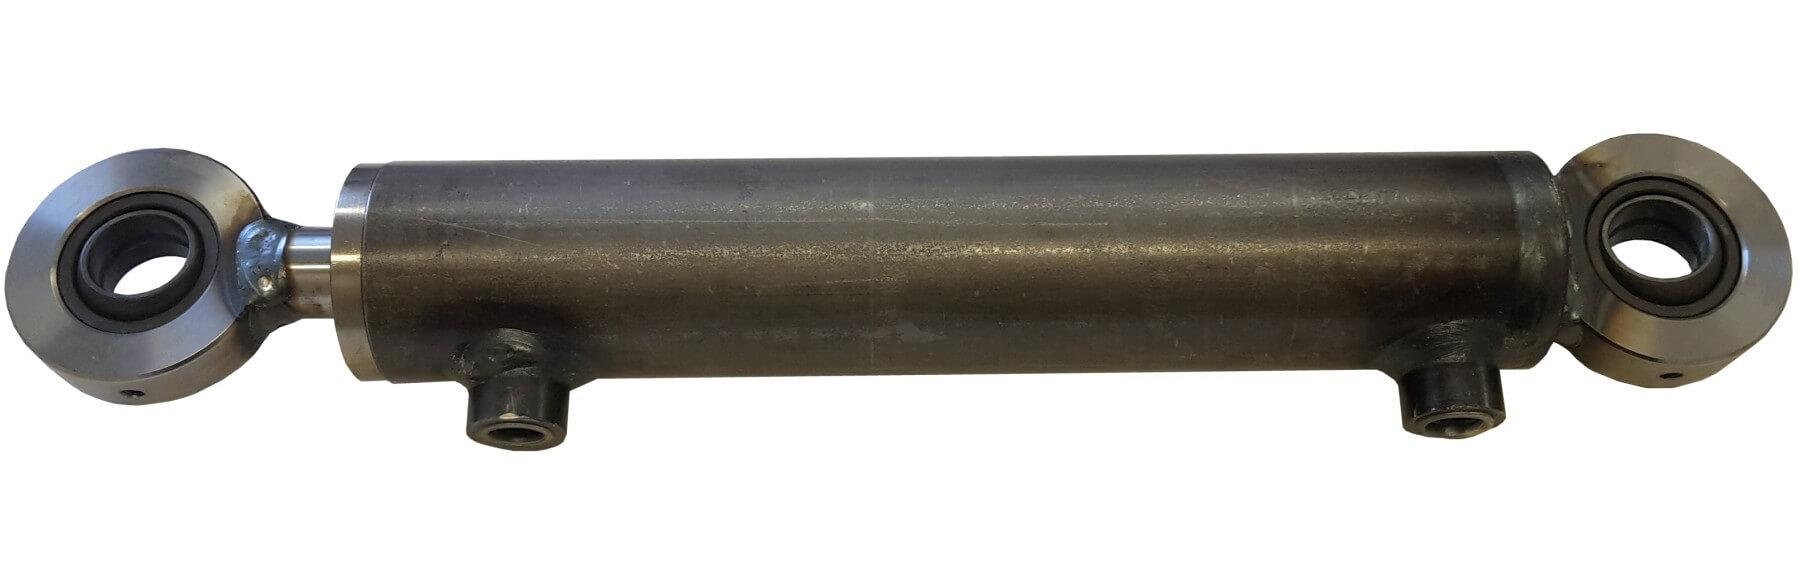 Hydraulisylinteri CL 40. 25. 500 GE - Kailatec Oy Verkkokauppa